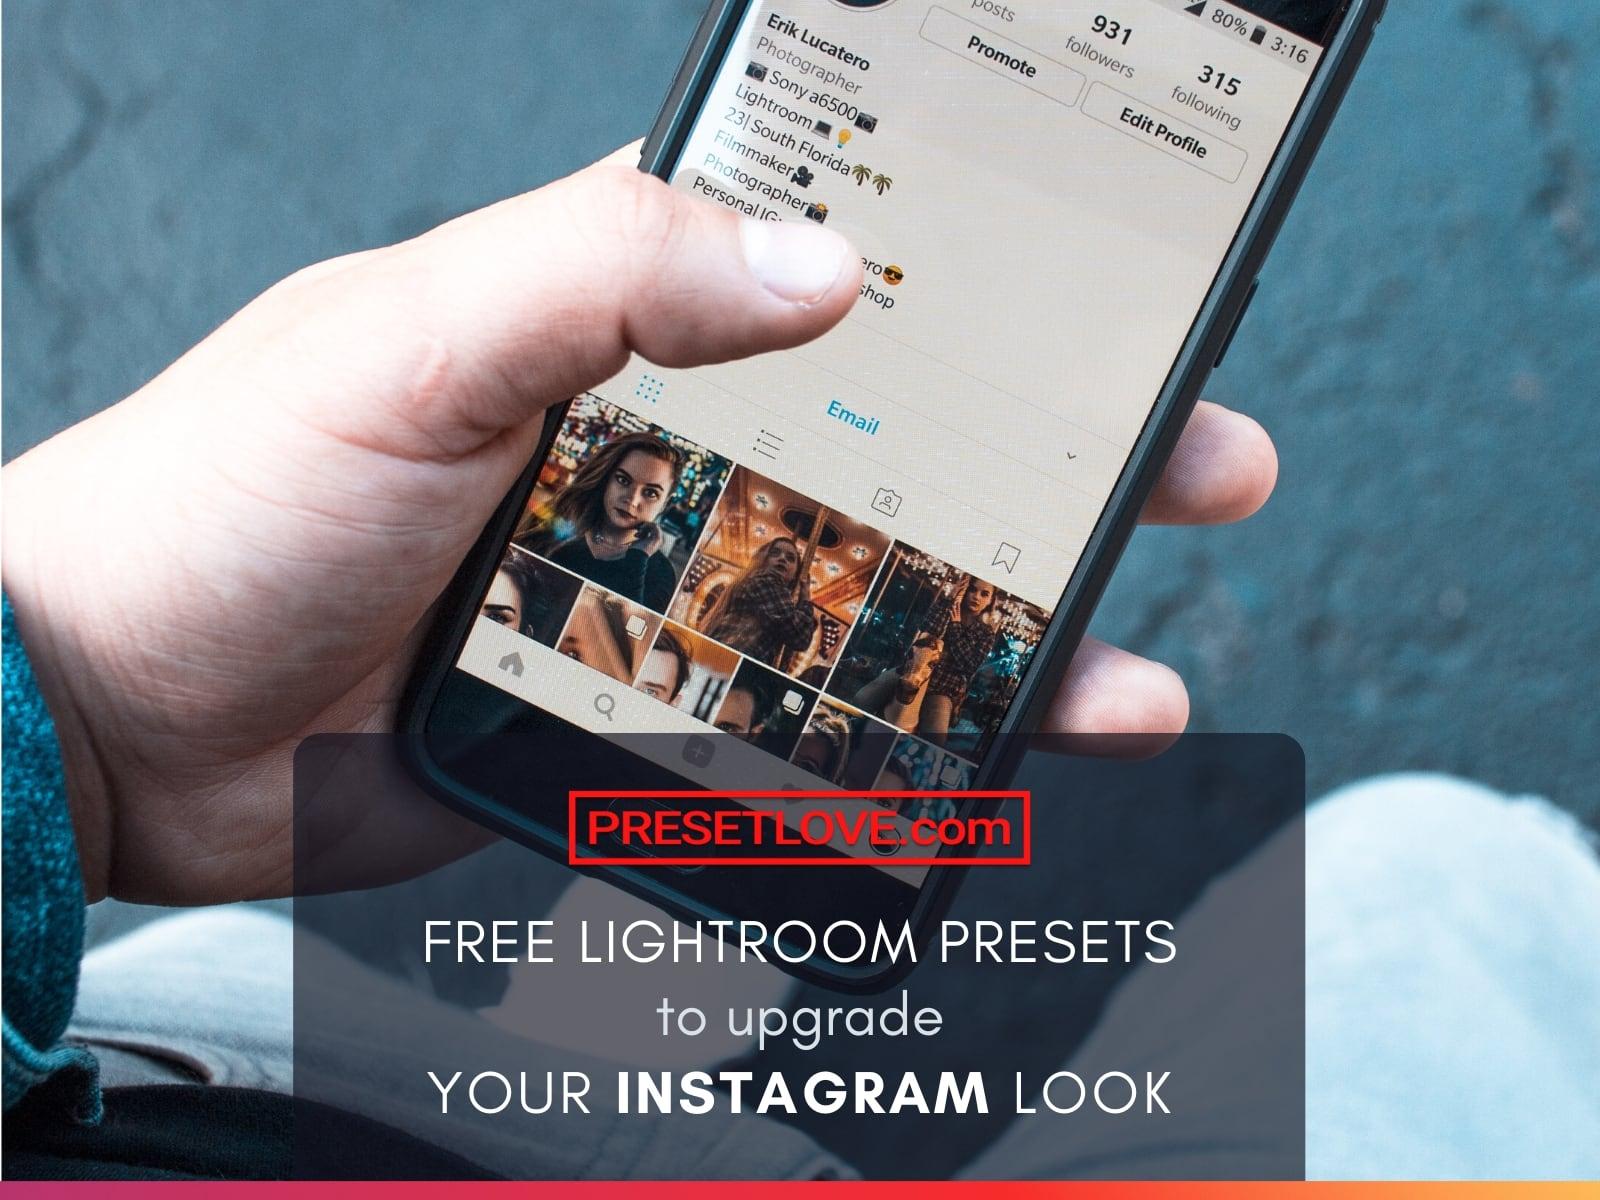 Lightroom presets to upgrade your Instagram Look | PresetLove